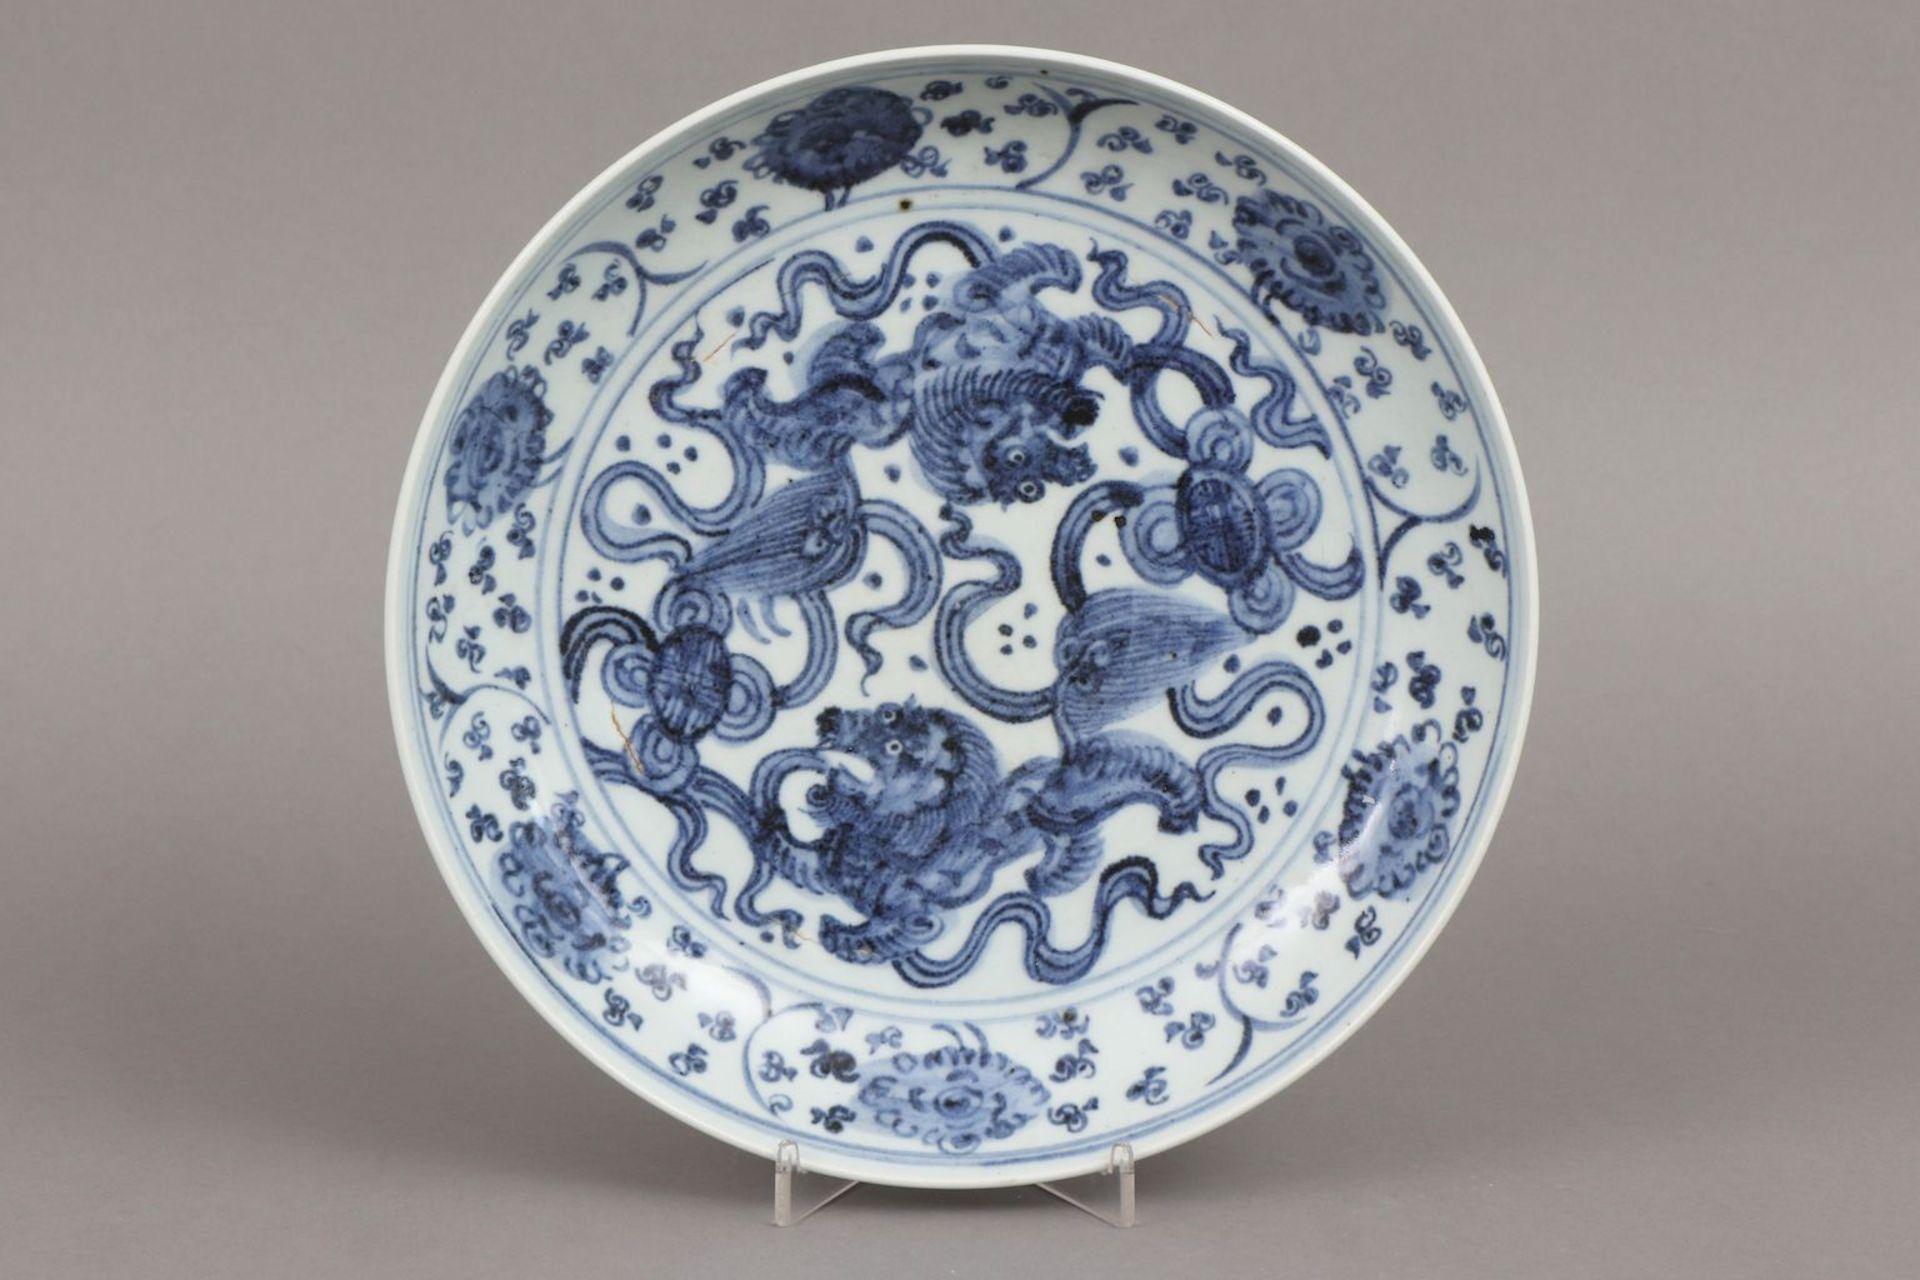 Chinesischer Porzellanteller im Stile Ming - Image 2 of 4